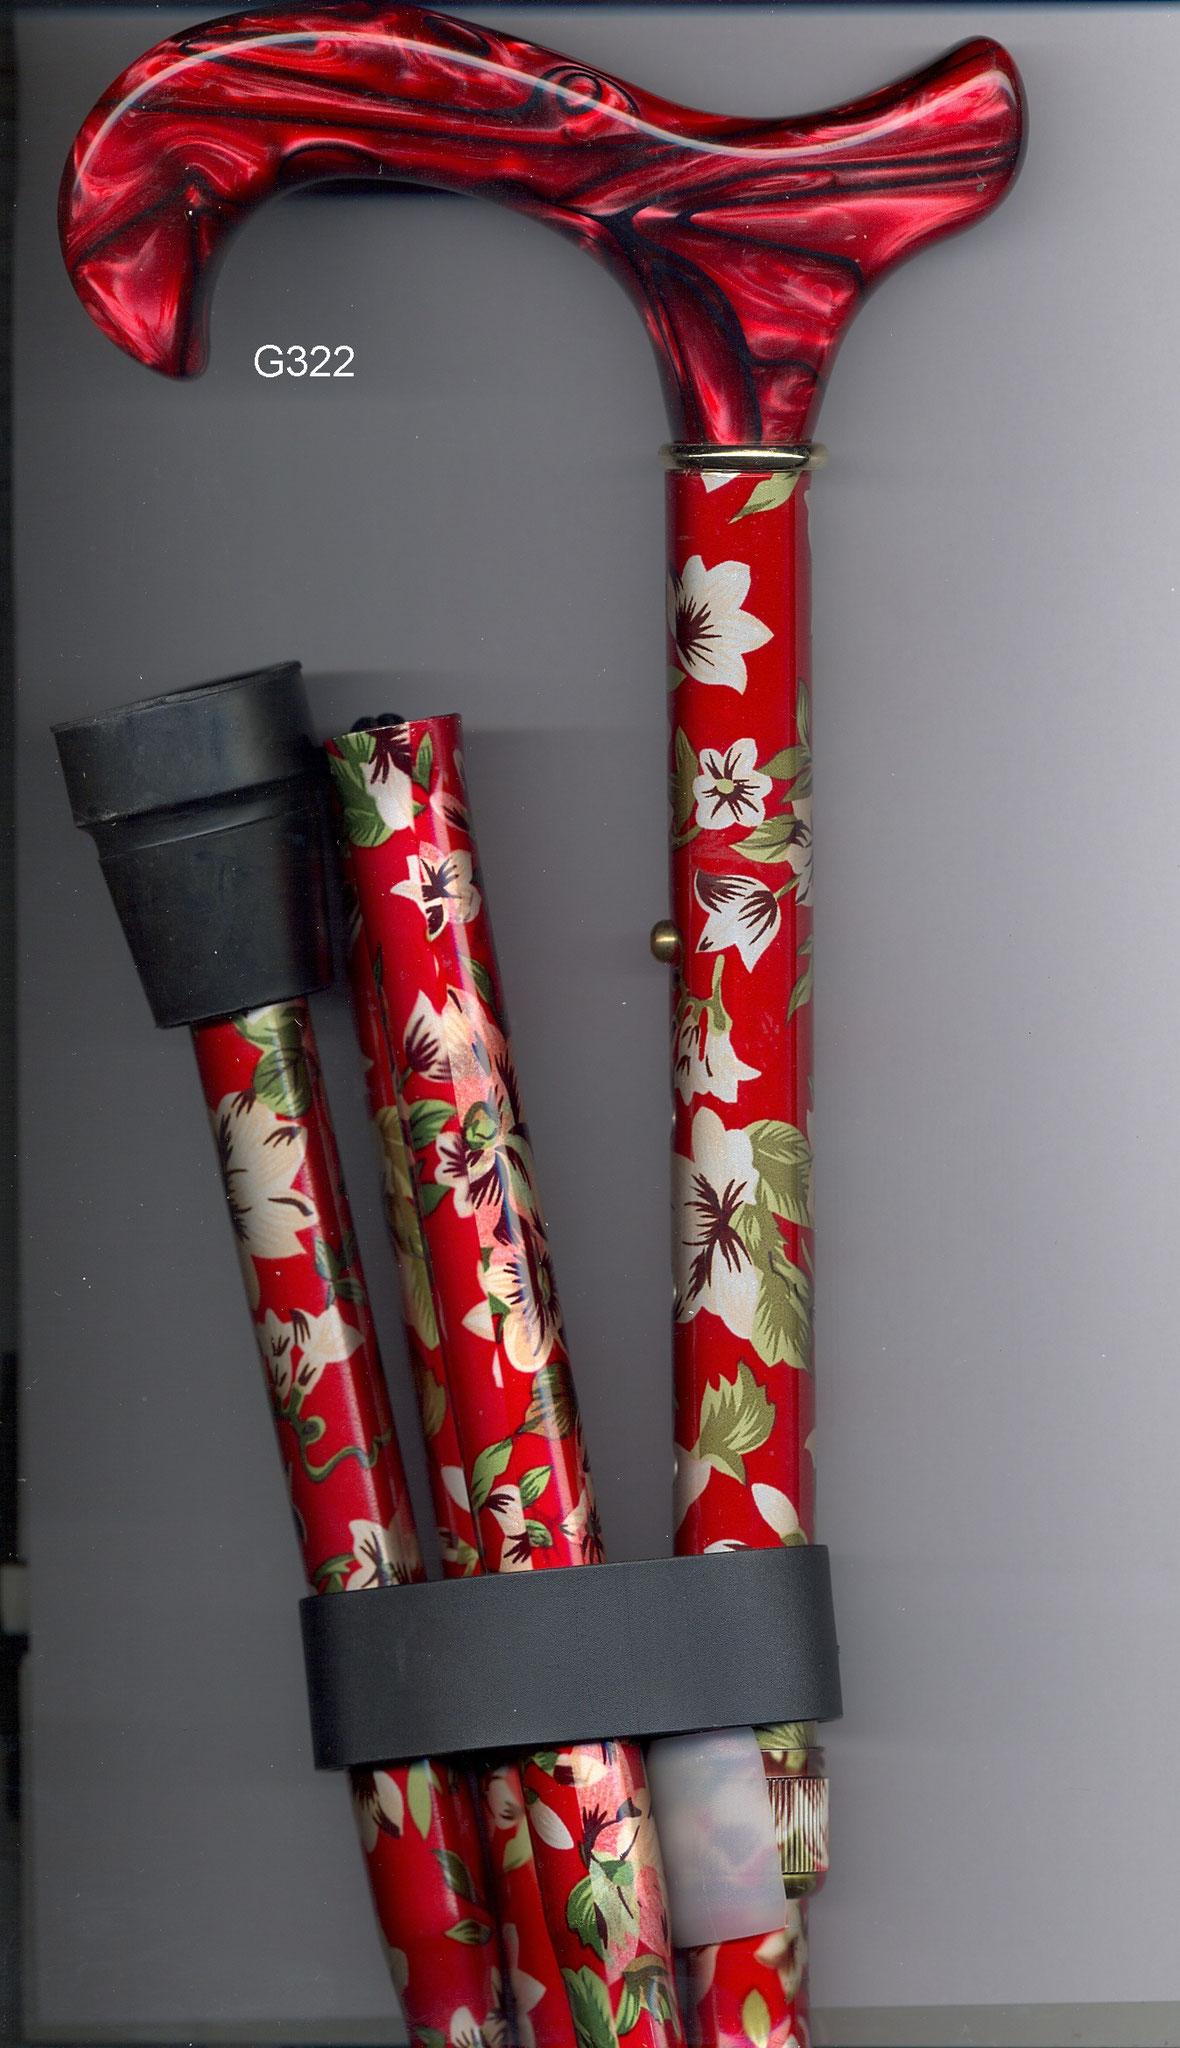 G322 Opvouwbaar steunstok alu rood met bloemen en bruin handvat